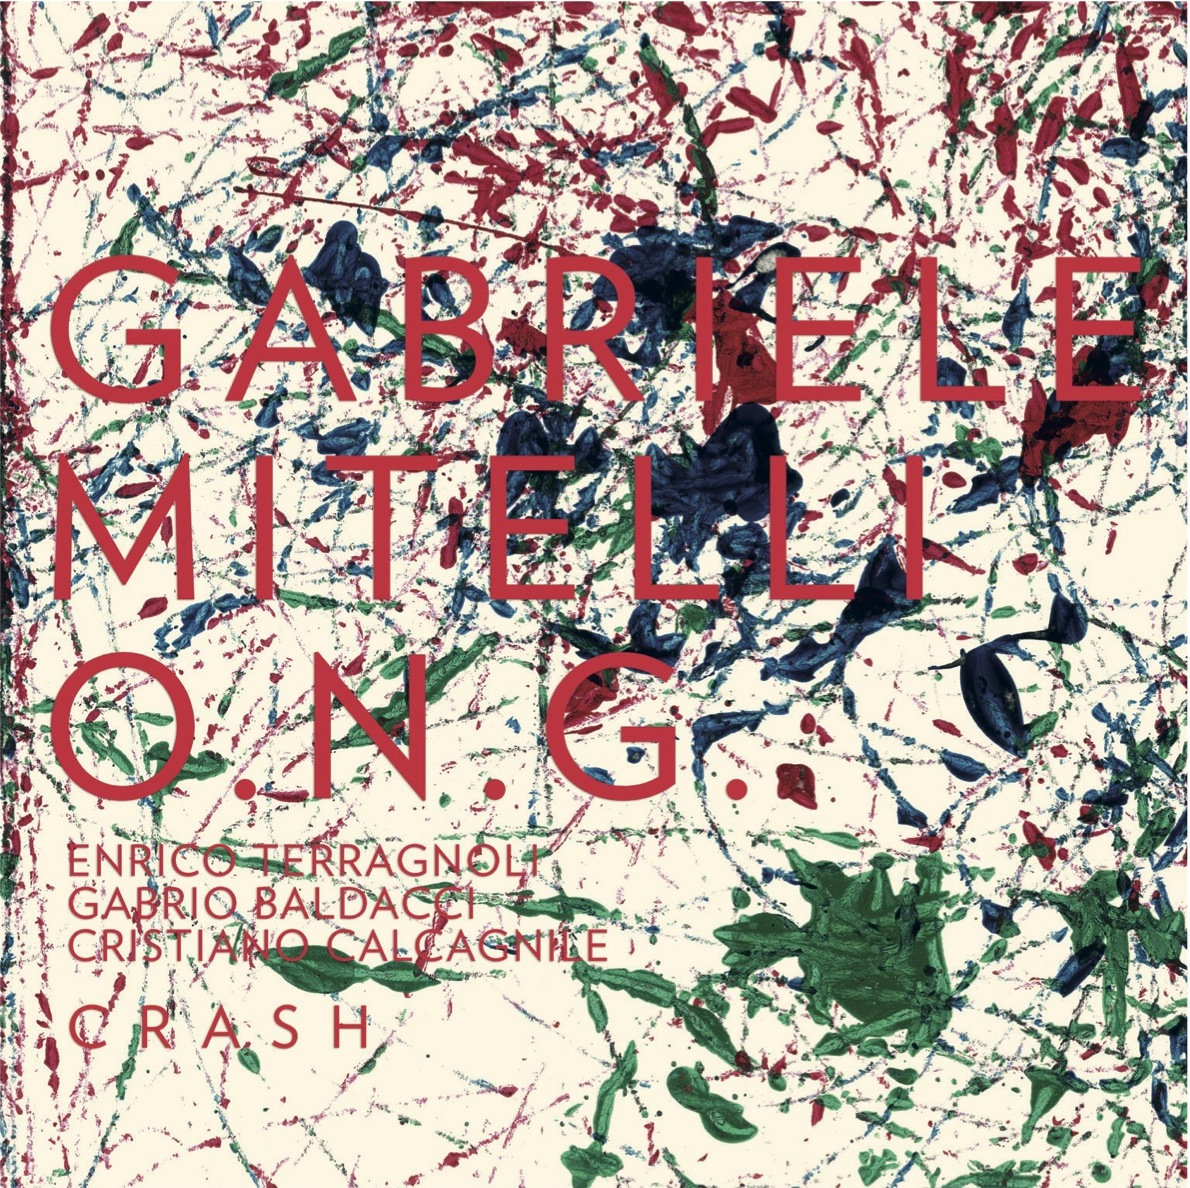 """Gabriele Mitelli</br> O.N.G. """"Crash"""" </br>Parco della Musica, 2017"""